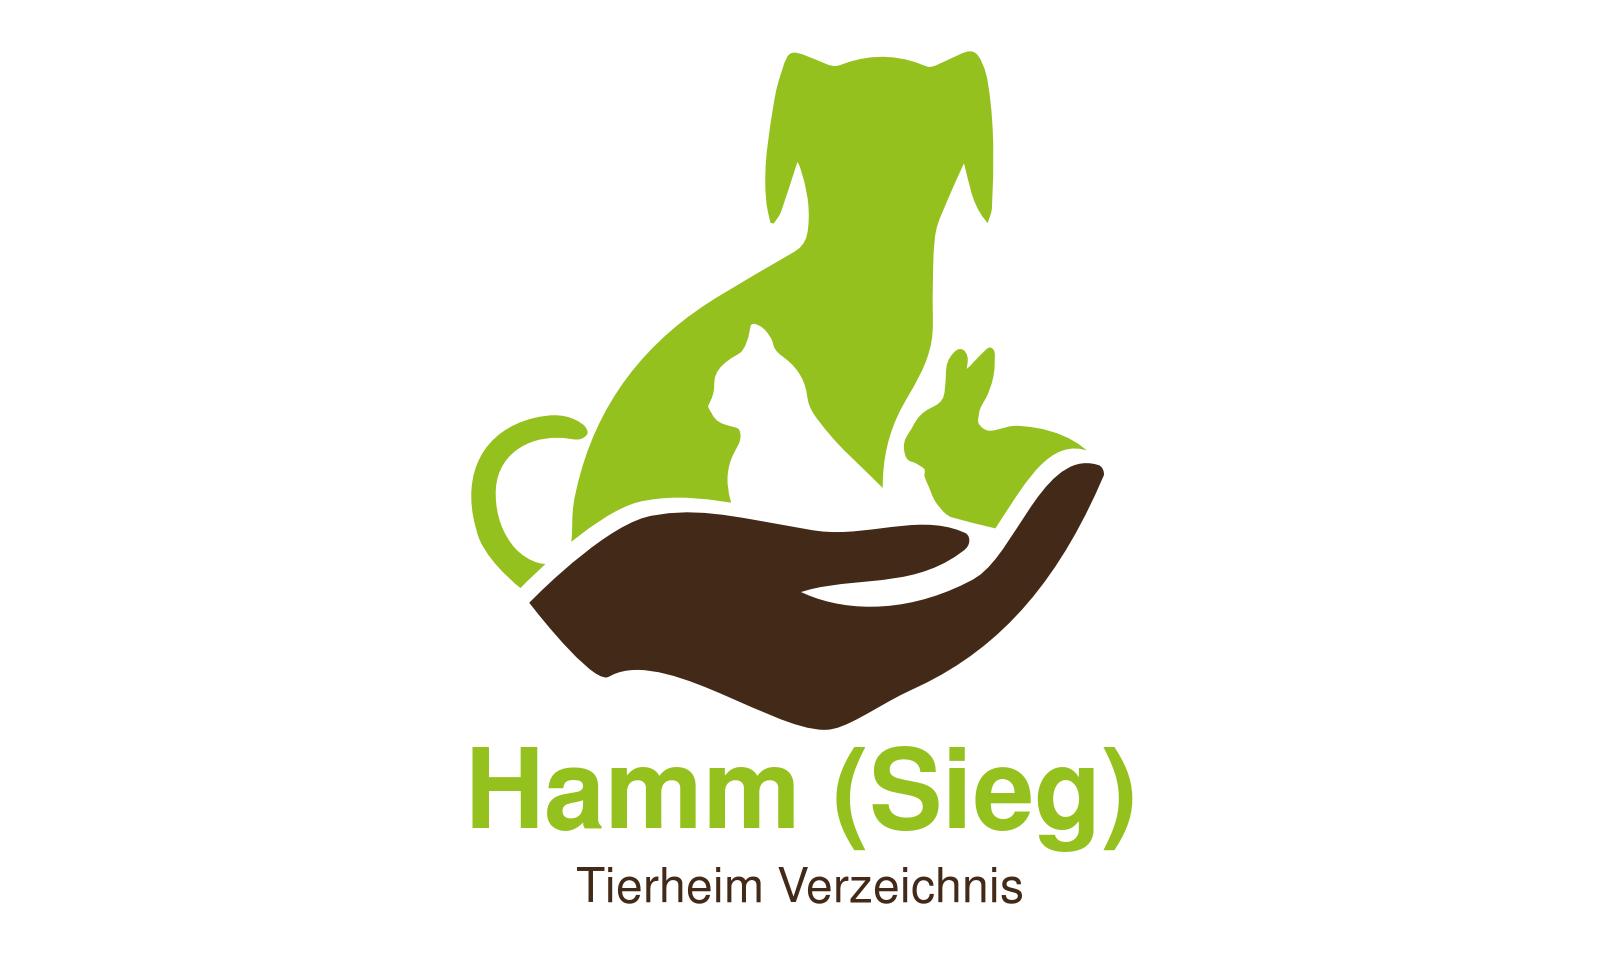 Tierheim Hamm (Sieg)